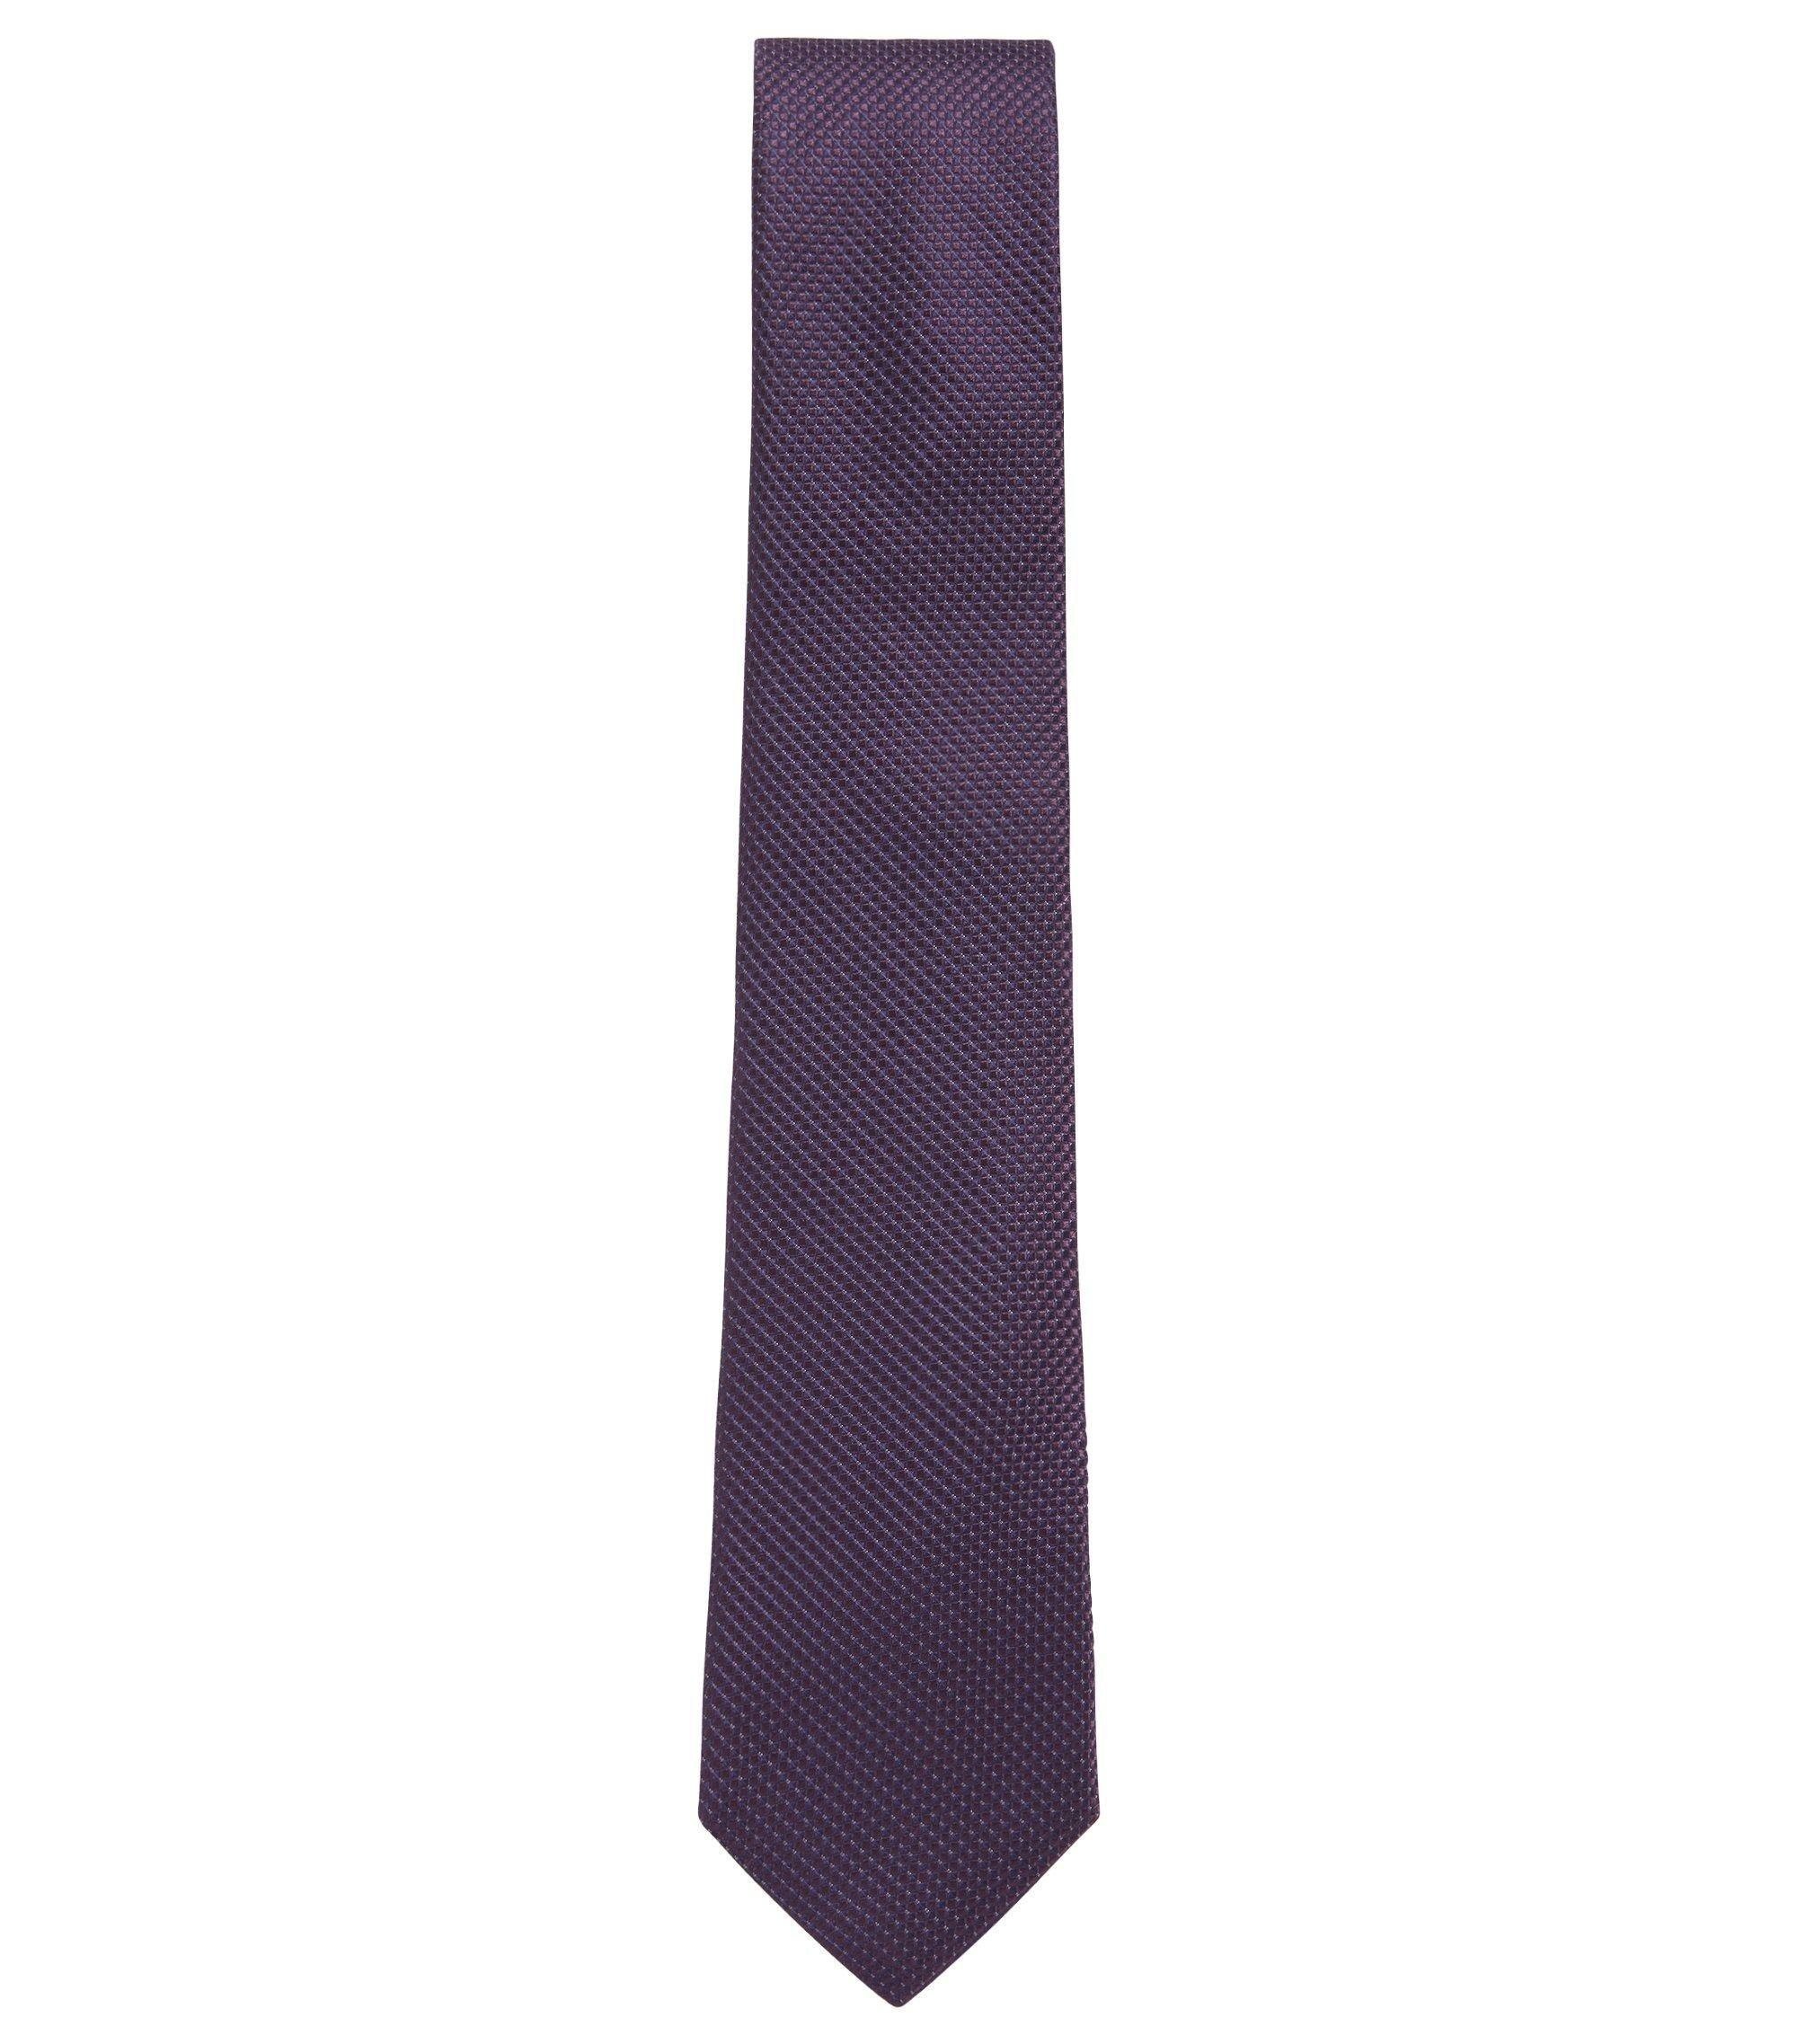 Corbata en jacquard de seda con microestampado y pala de 7,5cm de ancho, Púrpura oscuro